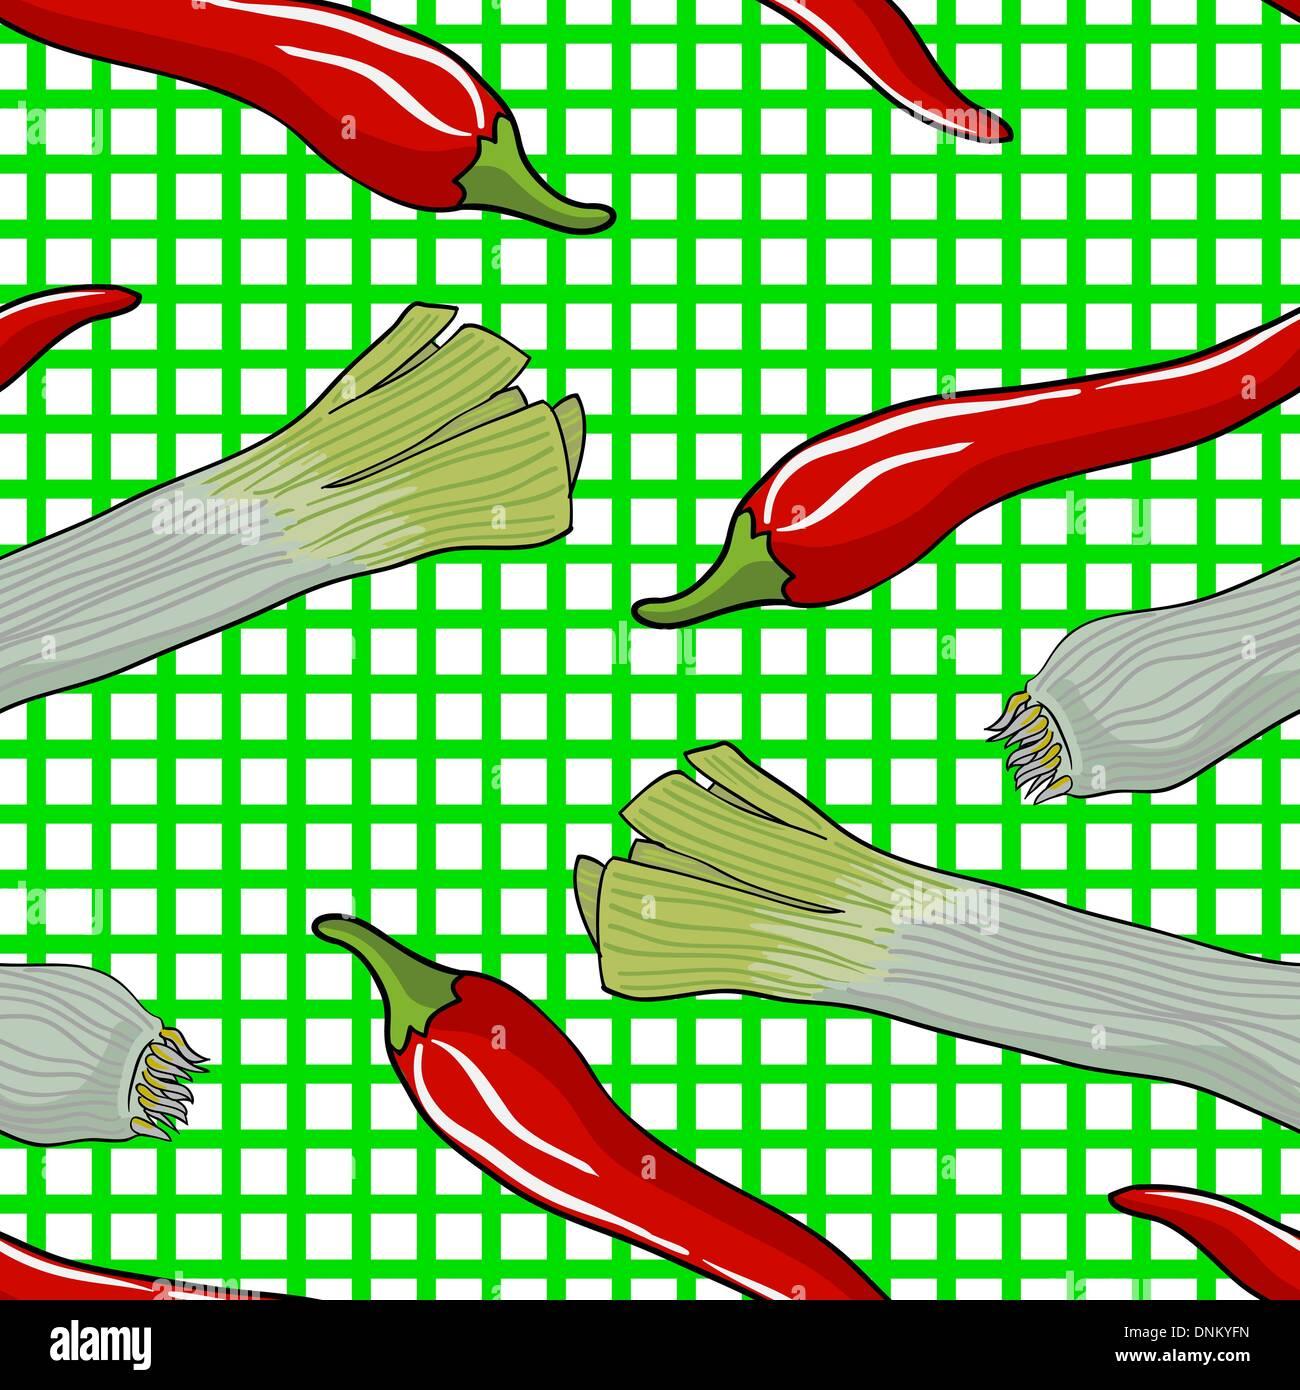 Seamless pattern vegetali il porro e pepe rosso illustrazione vettoriale Immagini Stock